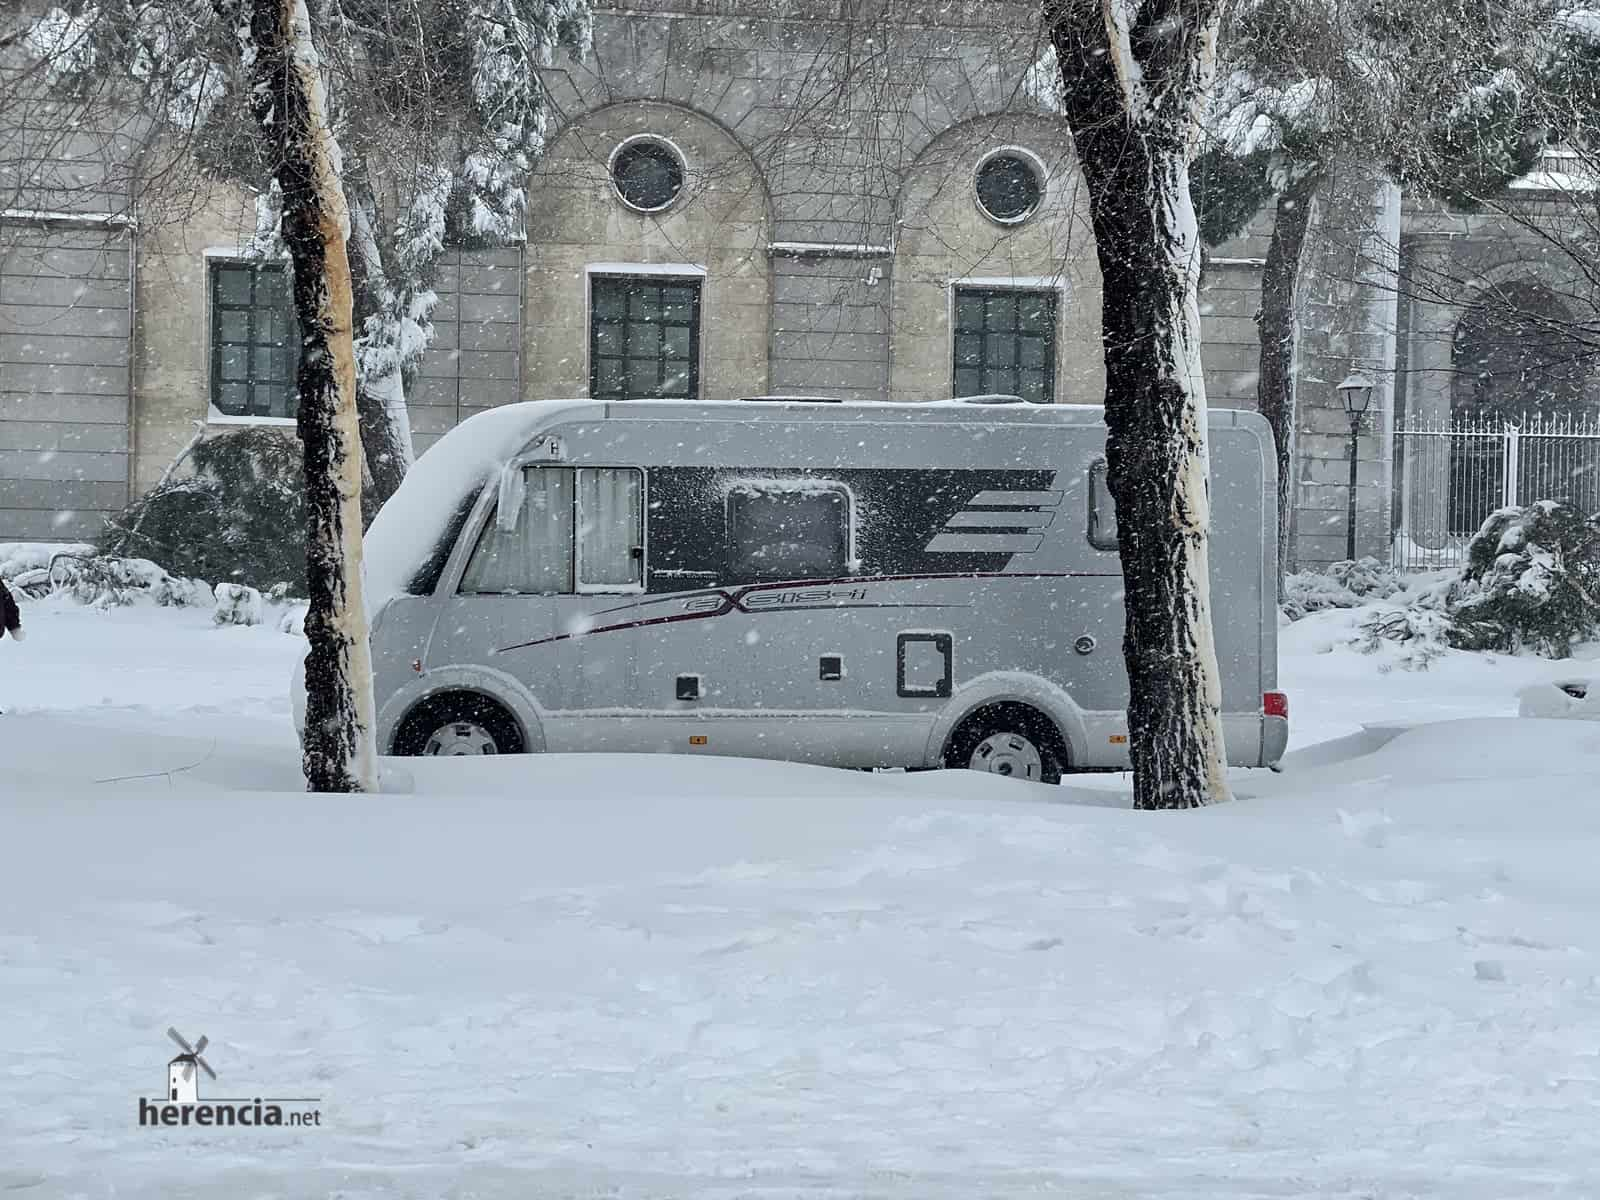 Fotografías de la nevada de enero en Madrid (España) 199